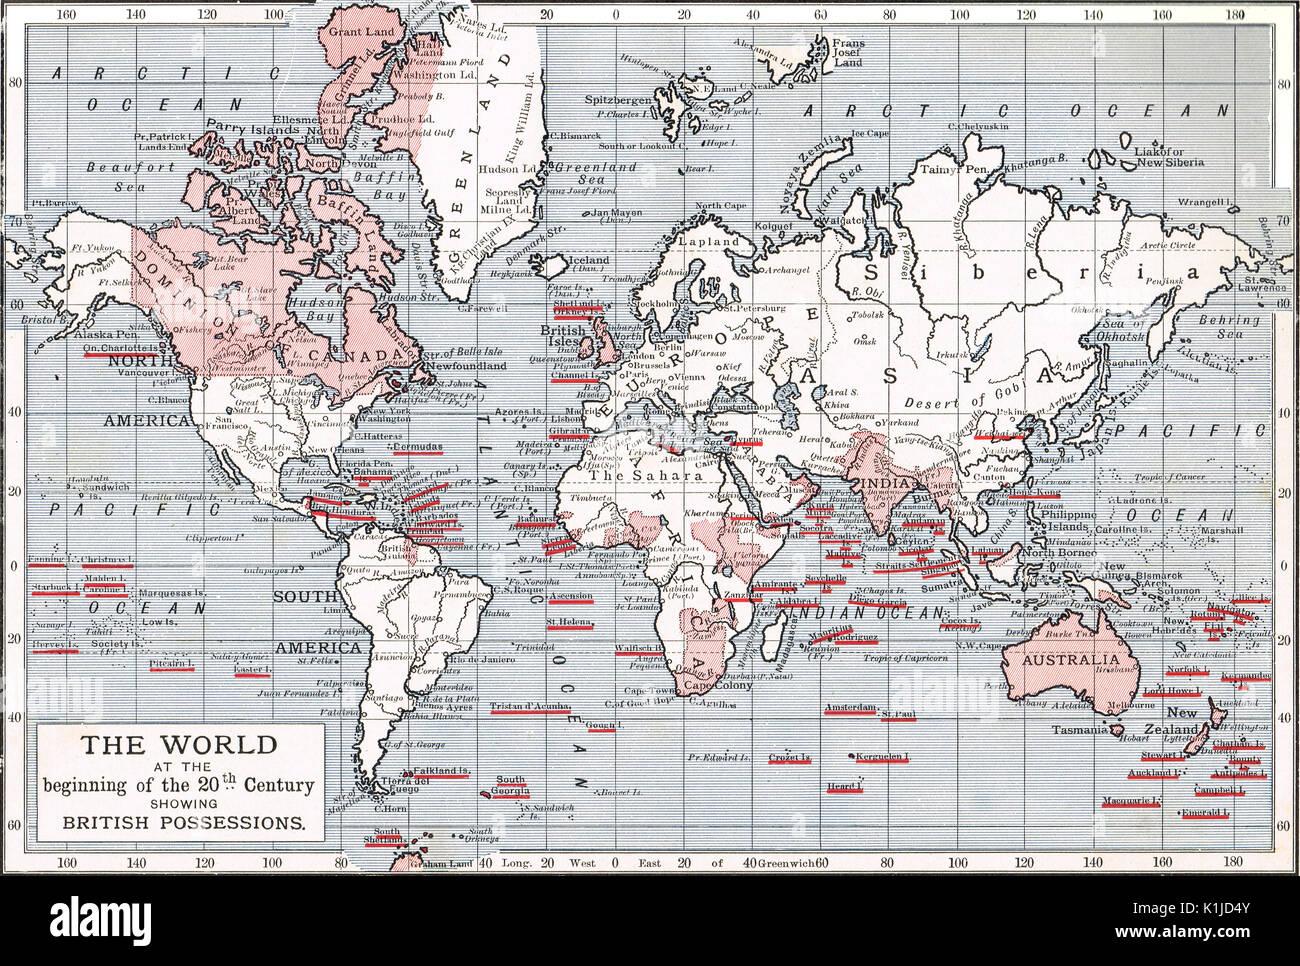 Carte du monde montrant les possessions britanniques au début du 20e siècle Photo Stock